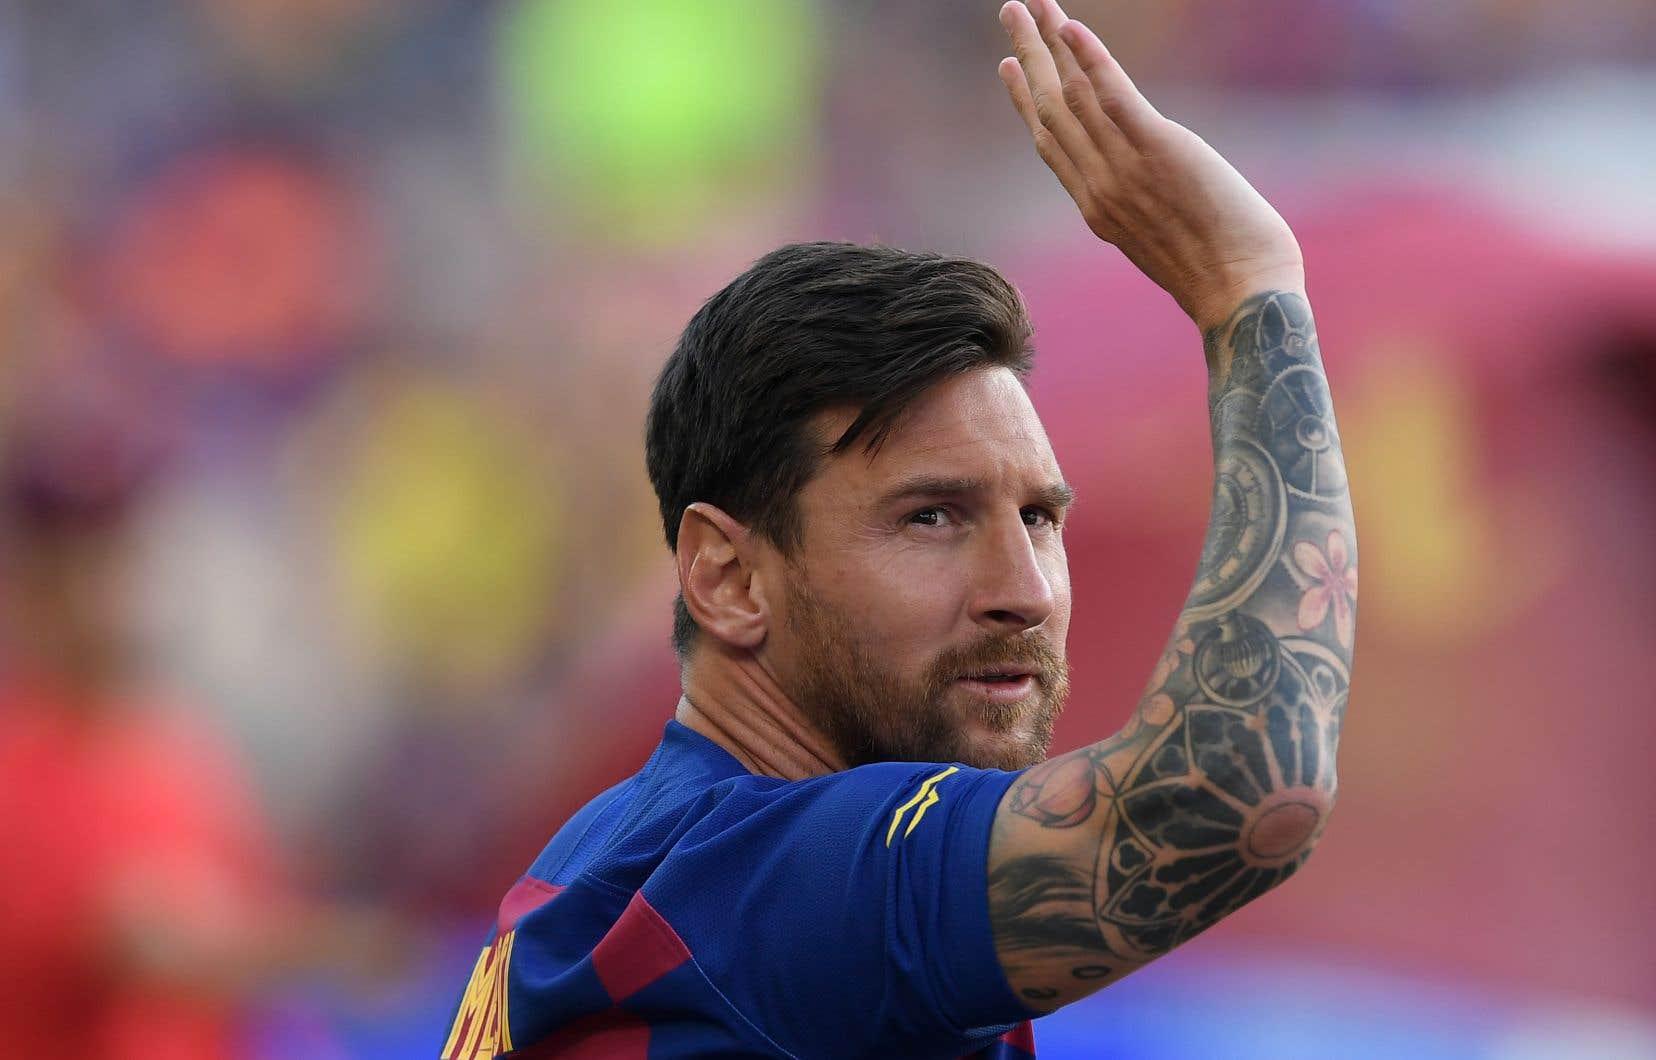 Les avocats de Lionel Messi ont fait parvenir au FC Barcelone un courrier recommandé dans lequel ils annoncent la volonté du joueur de résilier son contrat unilatéralement.